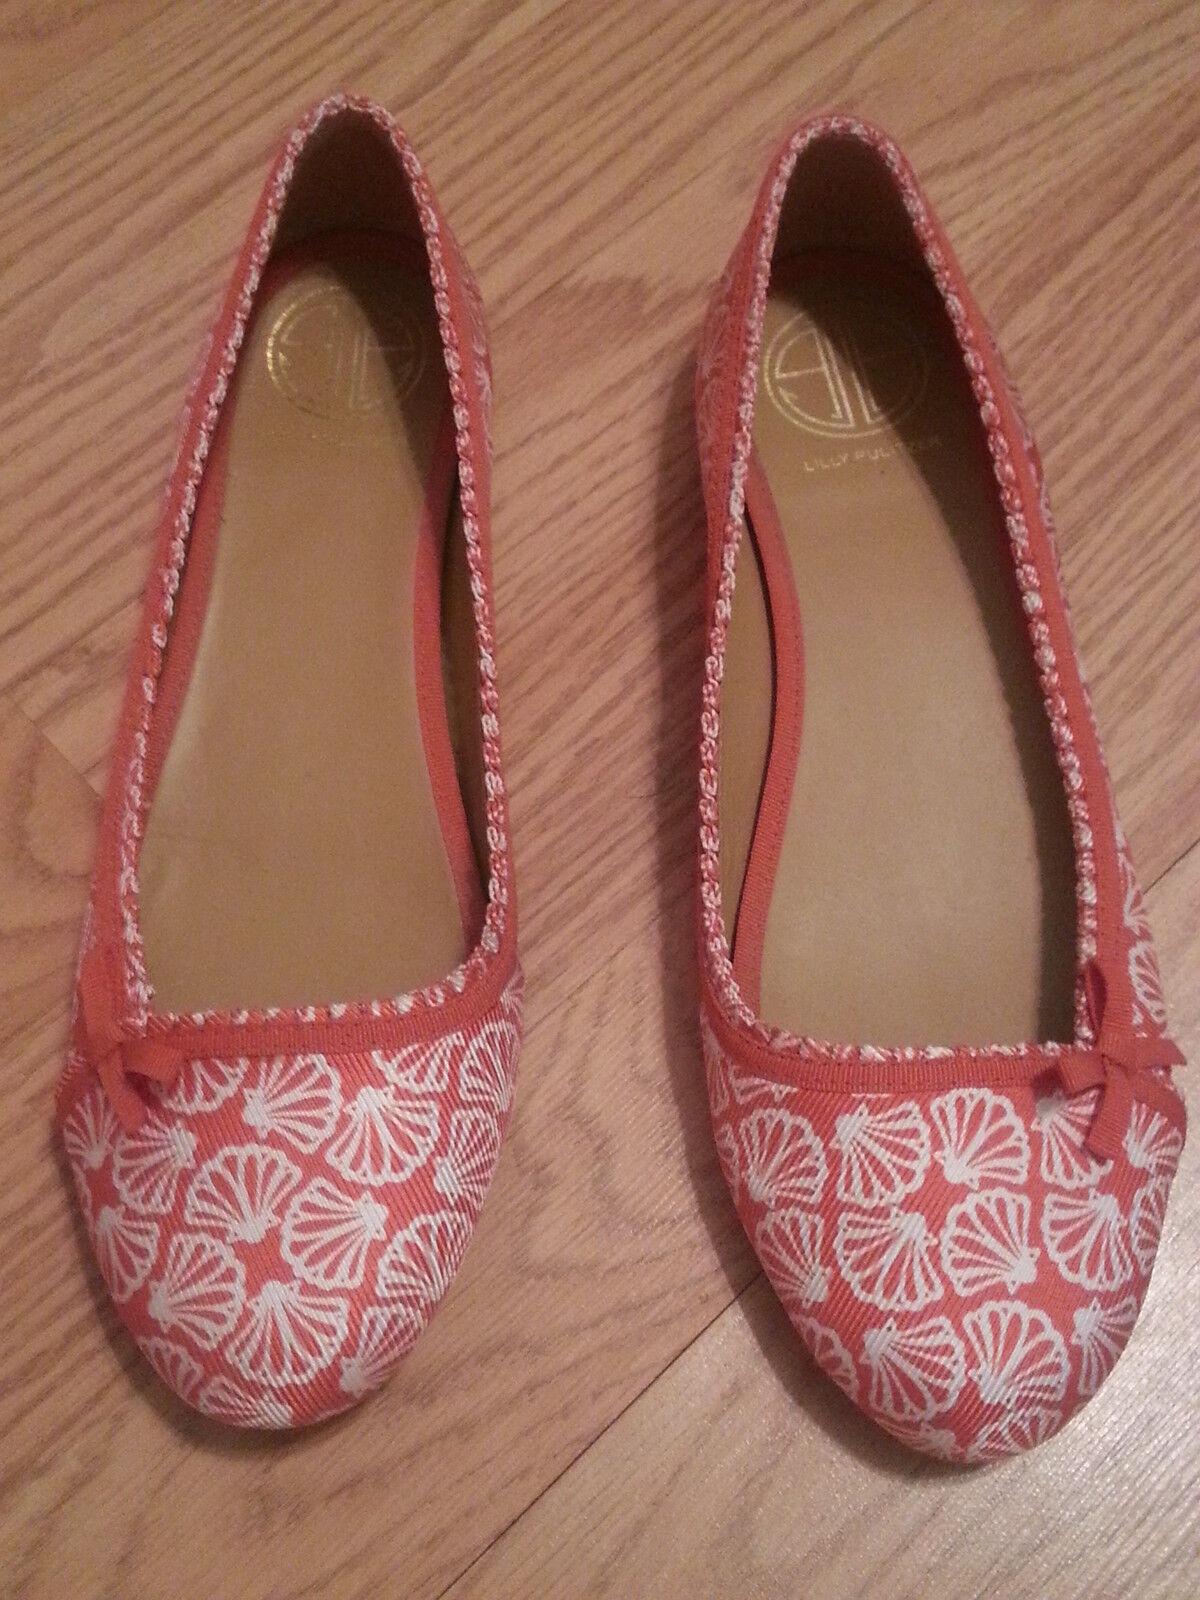 Lilly Pulitzer Via Palm Beach Ballet Flat  scarpe Dimensione 6.5 Coral ICUE  seleziona tra le nuove marche come